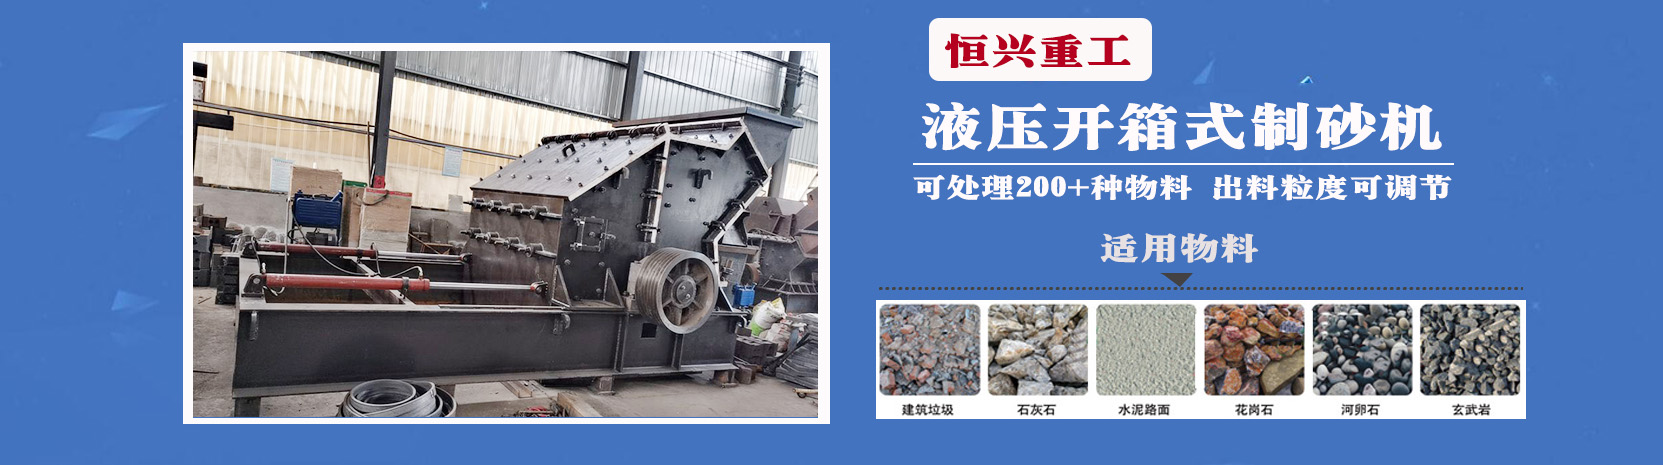 河卵石制砂生产线,石英石制砂生产线现场,玄武岩制砂生产线现场